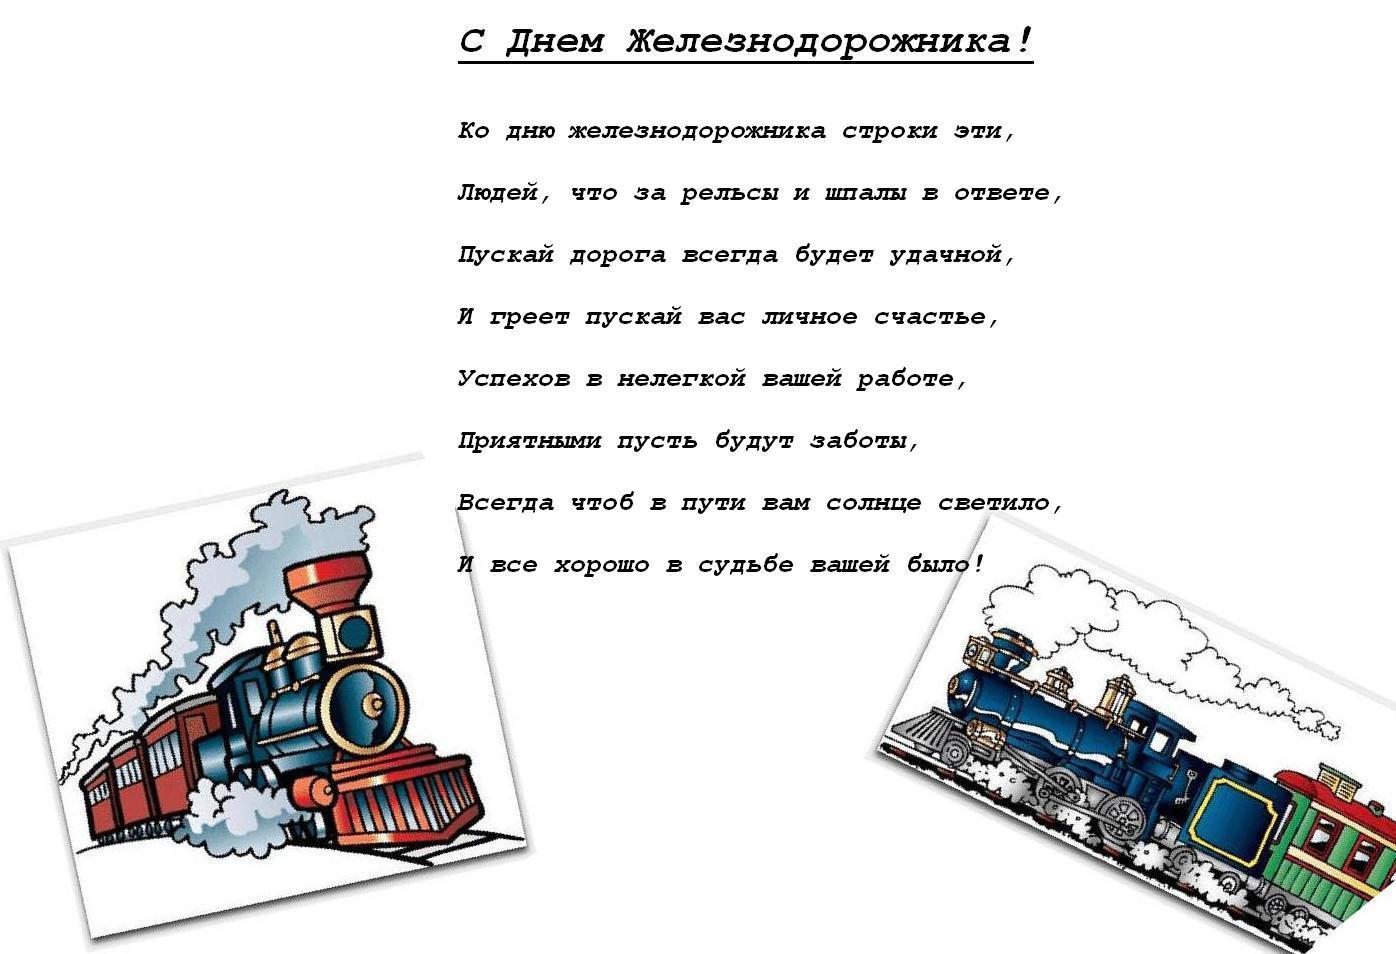 Поздравление начальника железнодорожника проза